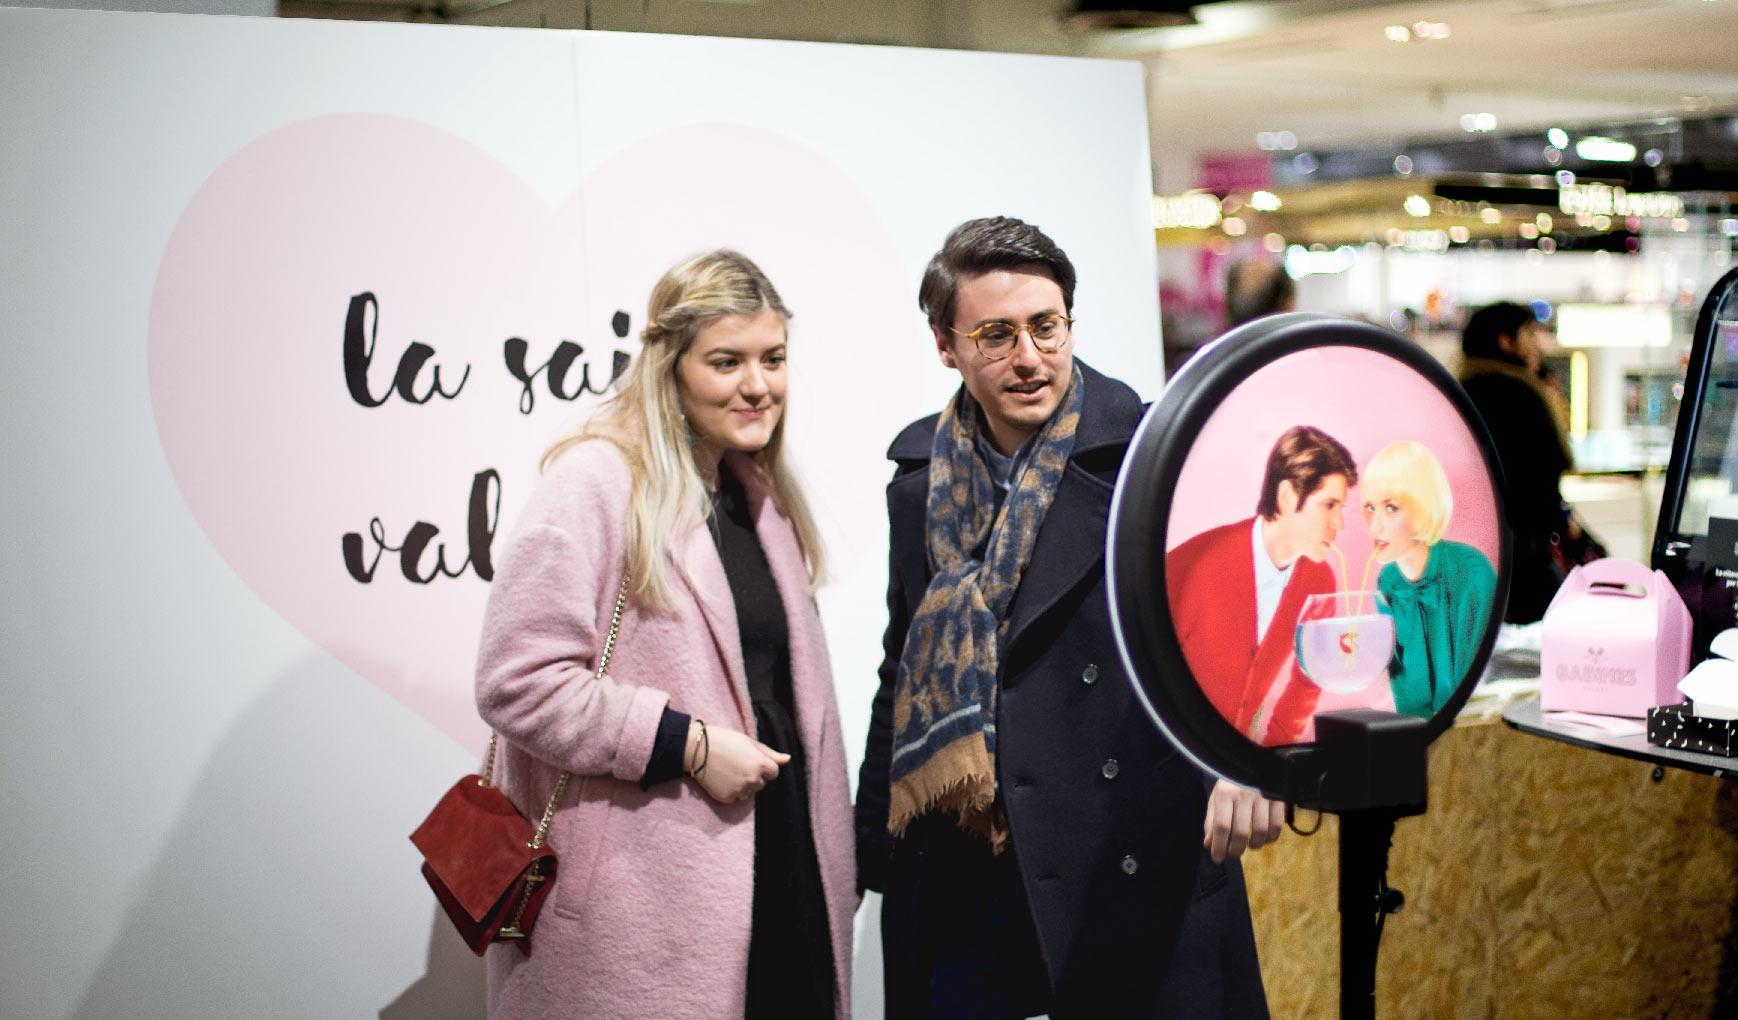 """Aux Galeries Lafayette, un couple se prend en photo avec le photobooth de Josepho devant un photocall """"La Saint Valentin""""."""